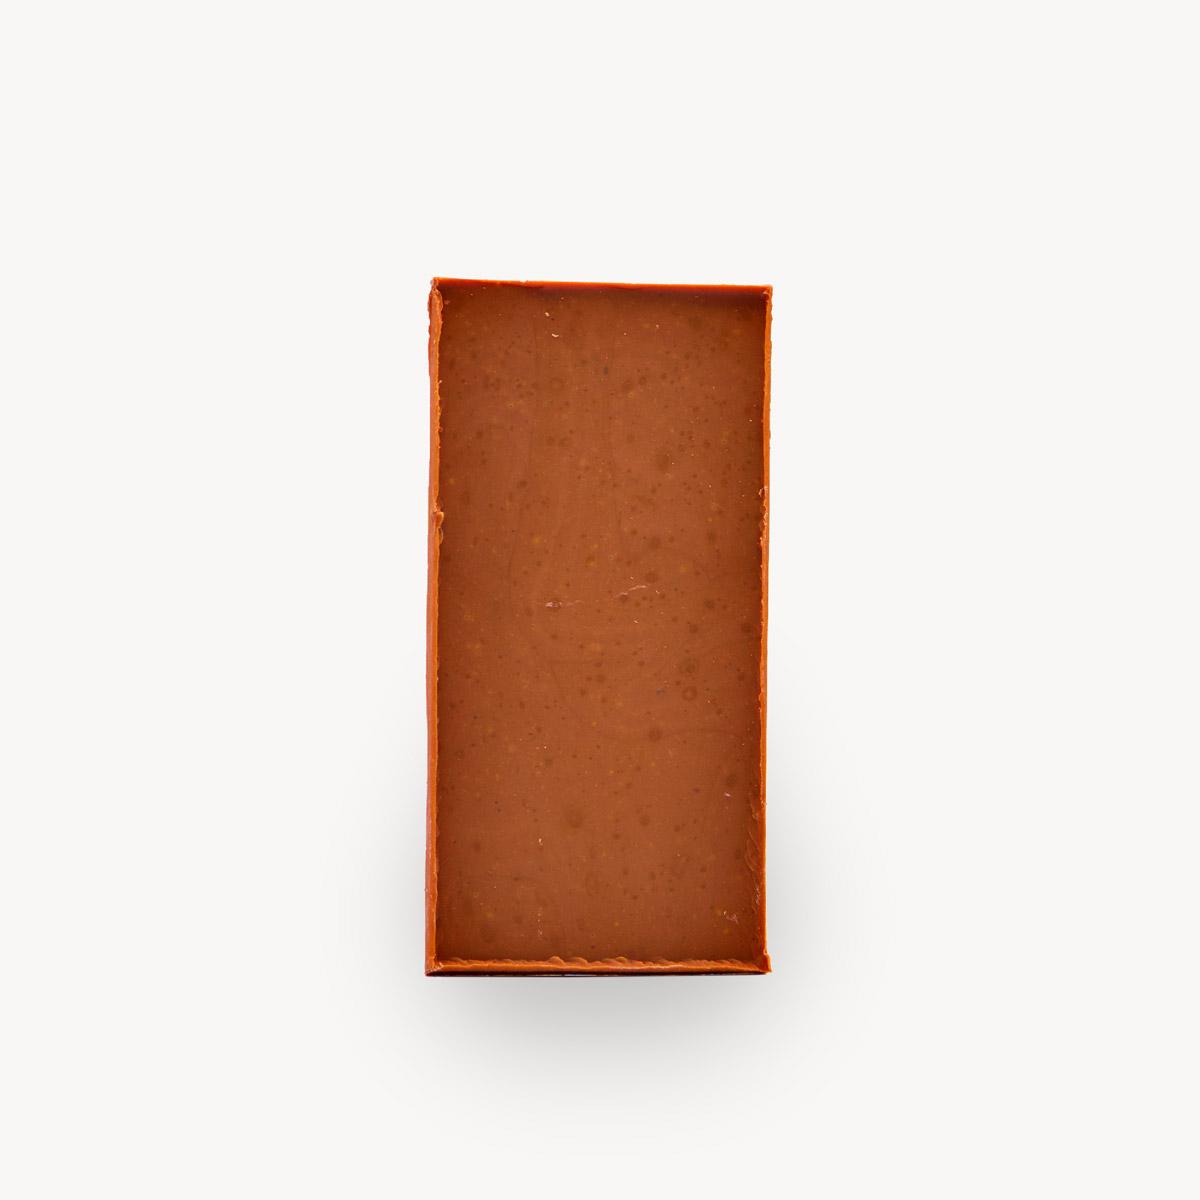 Σοκολάτα Espresson Dreamer, φωτογραφία προϊόντος χωρίς το περιτύλιγμα.